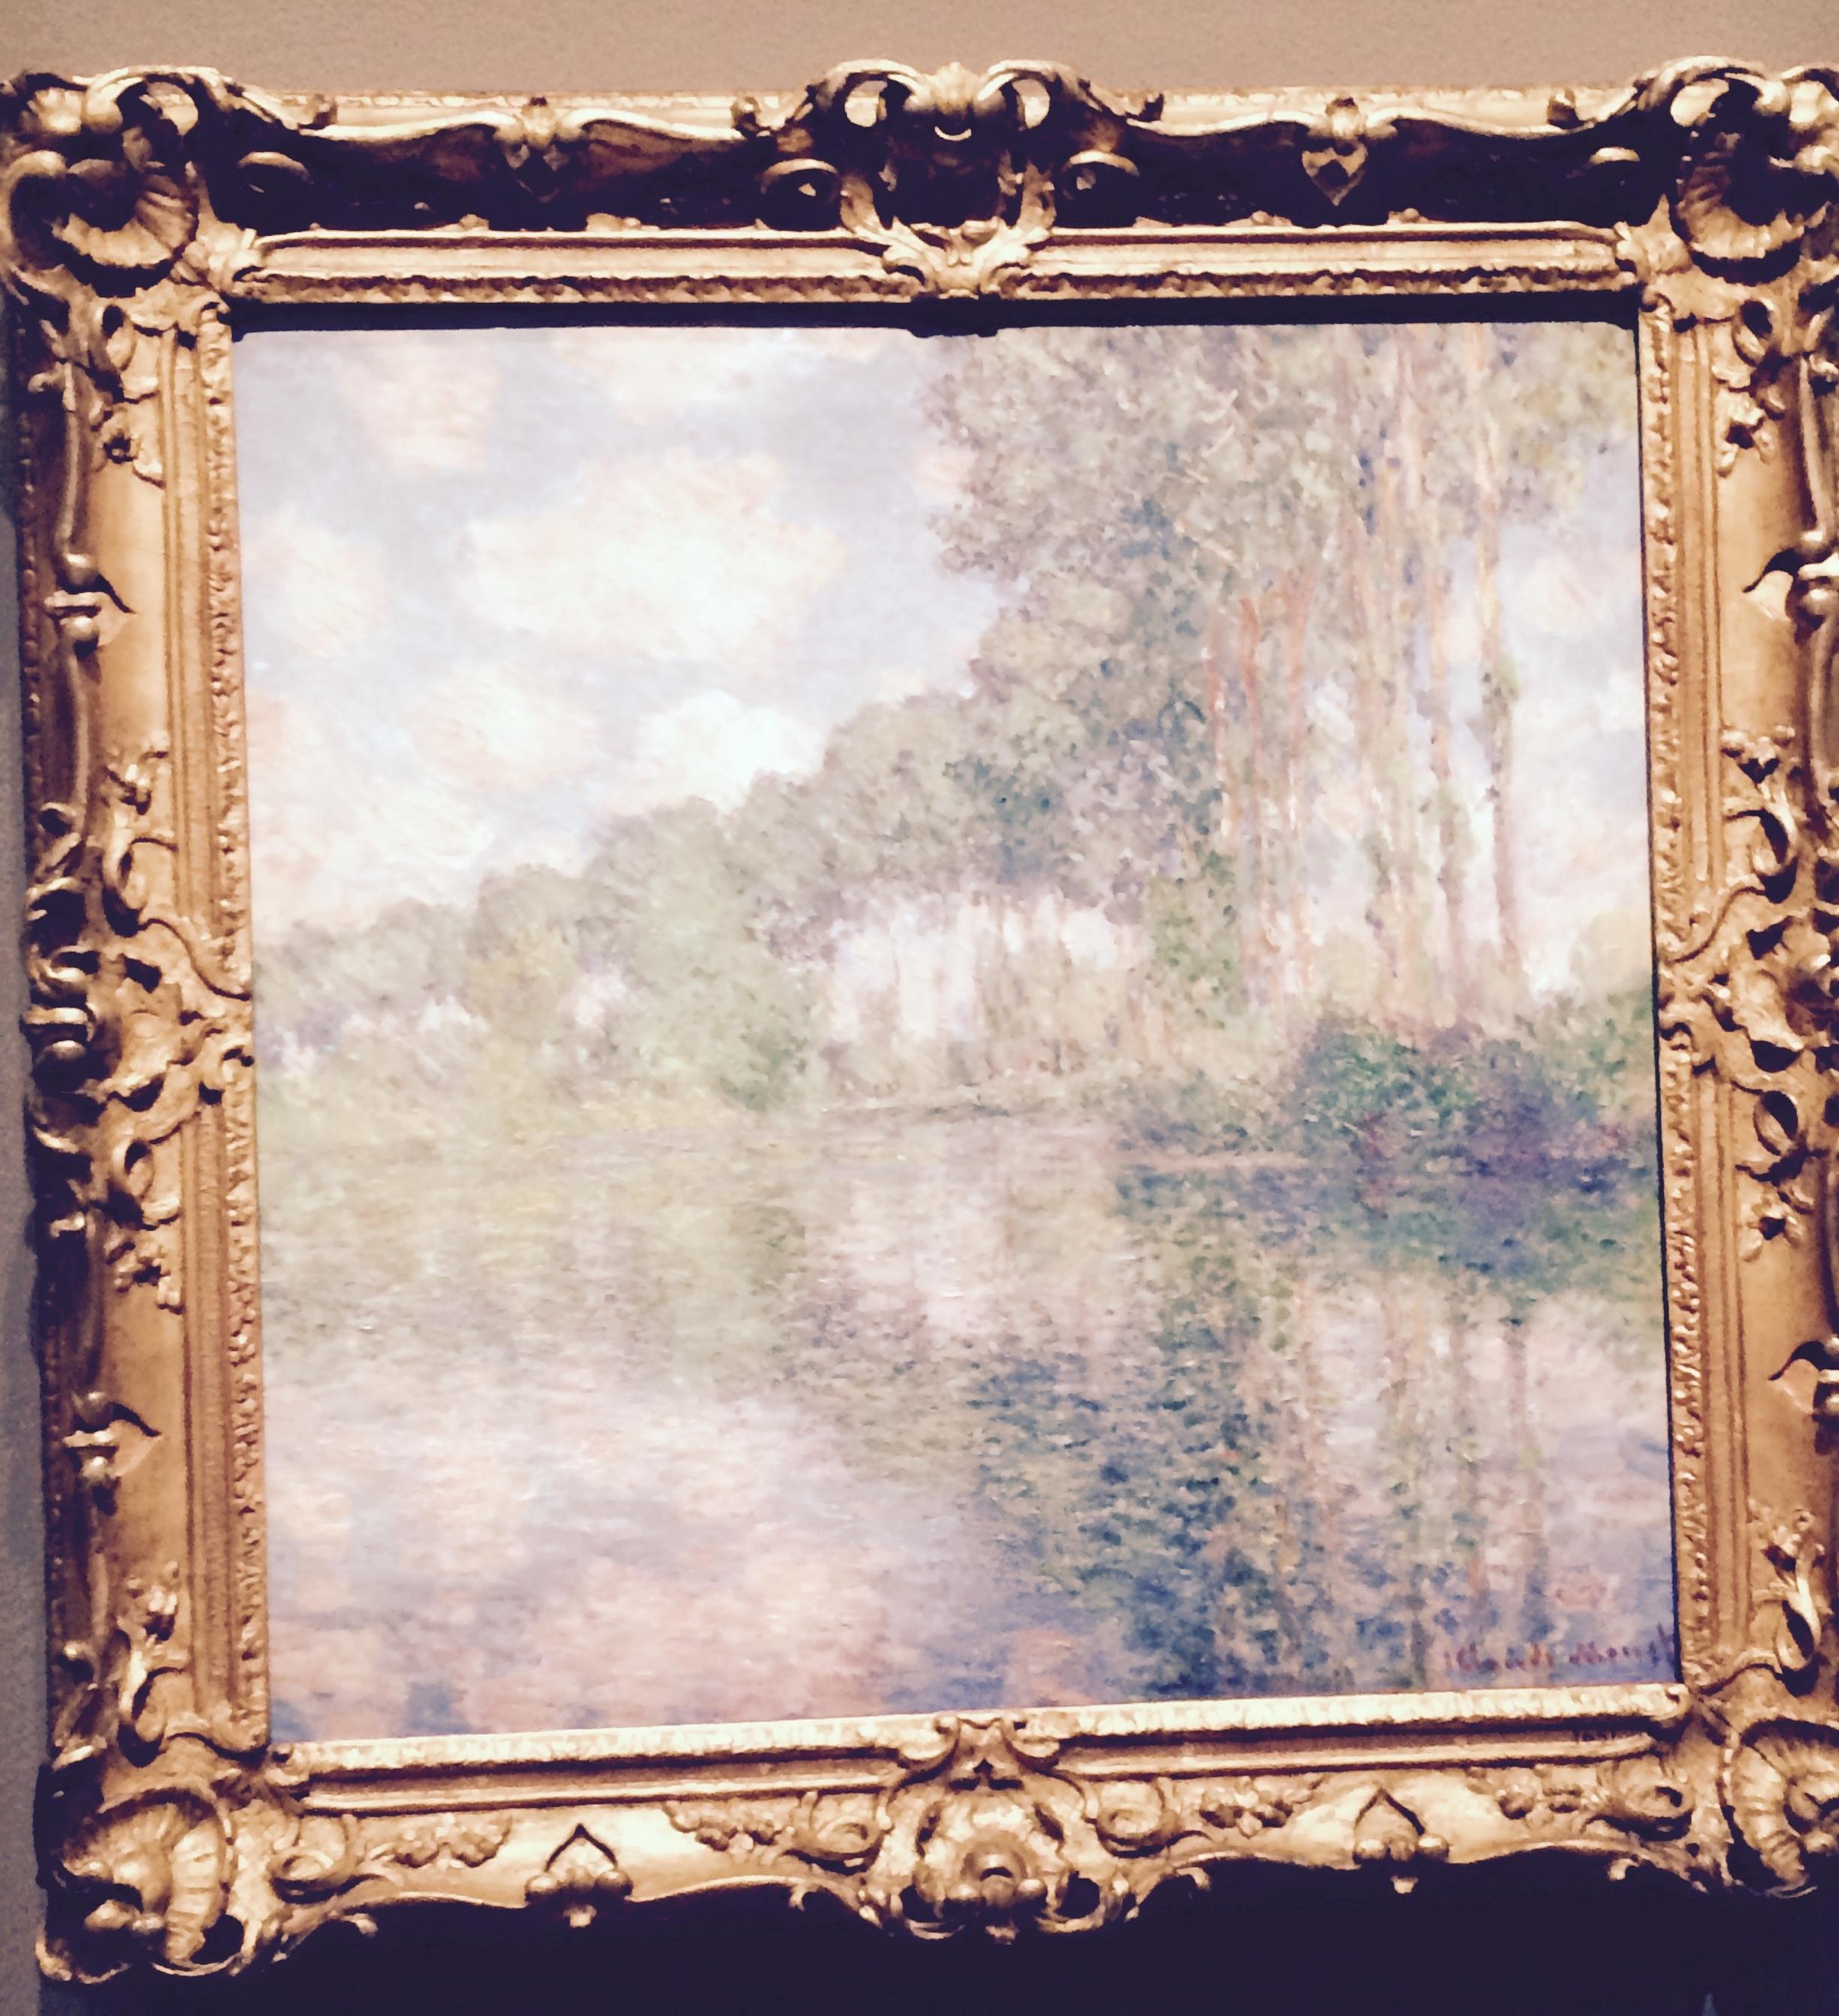 Monet, Poplars on the Epte